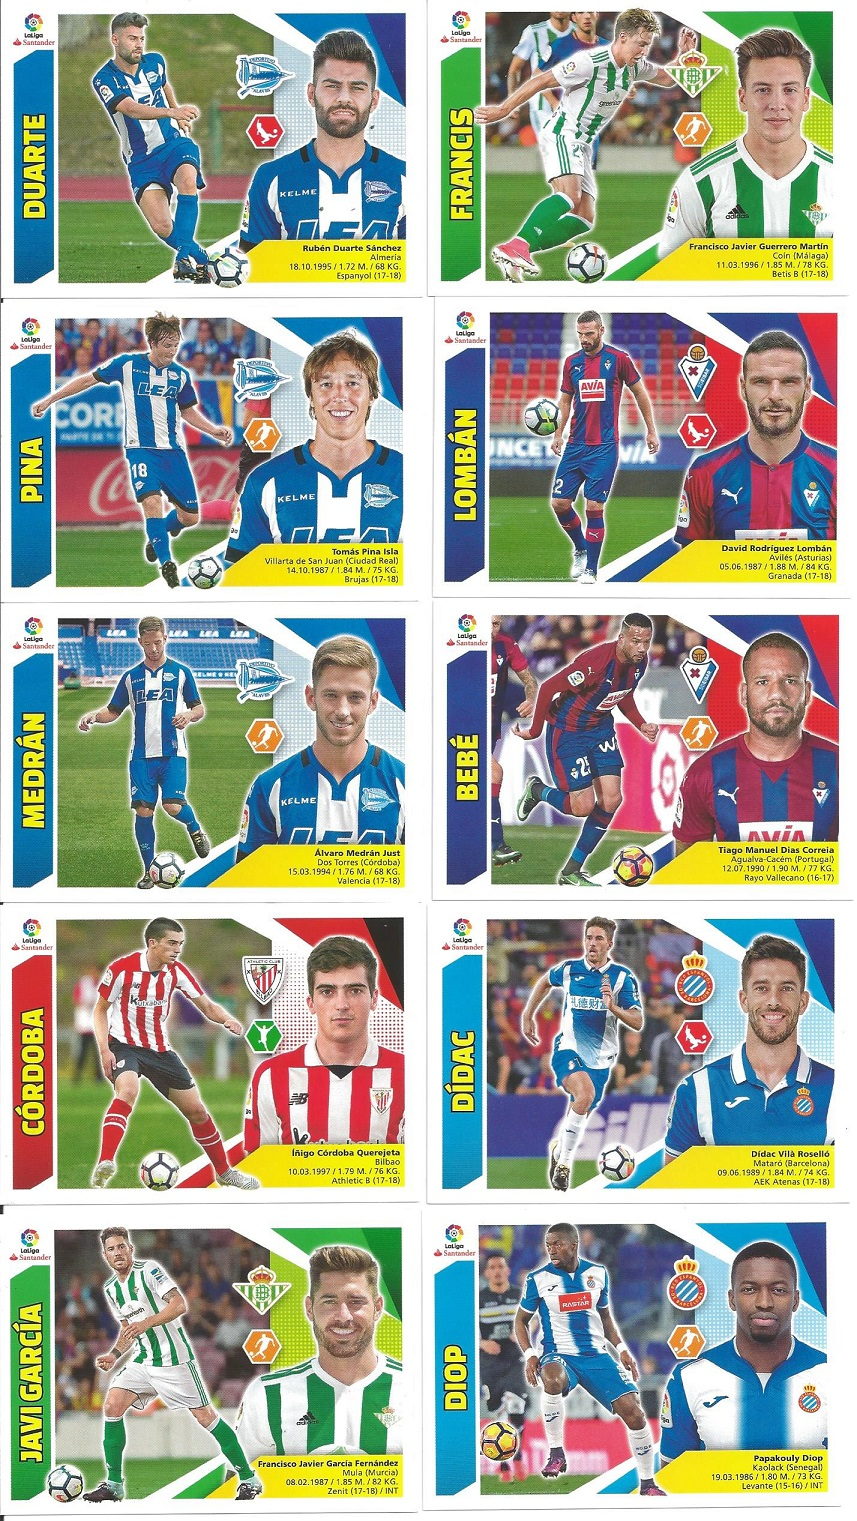 Cuarta Edición Liga ESTE 2017 2018 La Liga Santander Datos 01eceab9f87c3